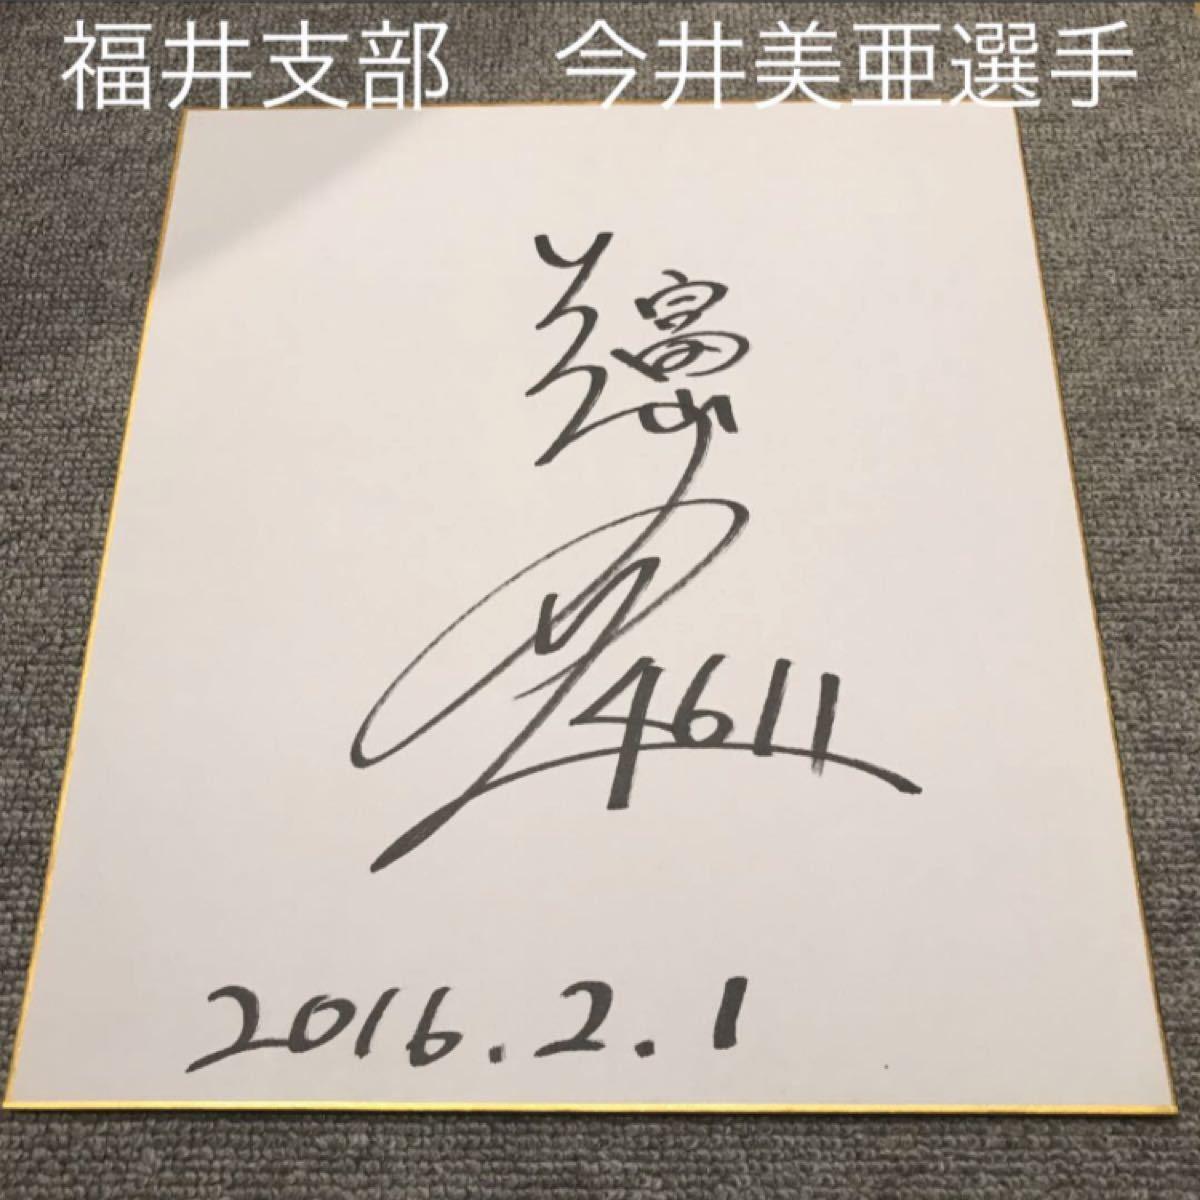 競艇 競艇選手 ボート ボートレーサー 女子選手  今井美亜選手 直筆サイン 色紙